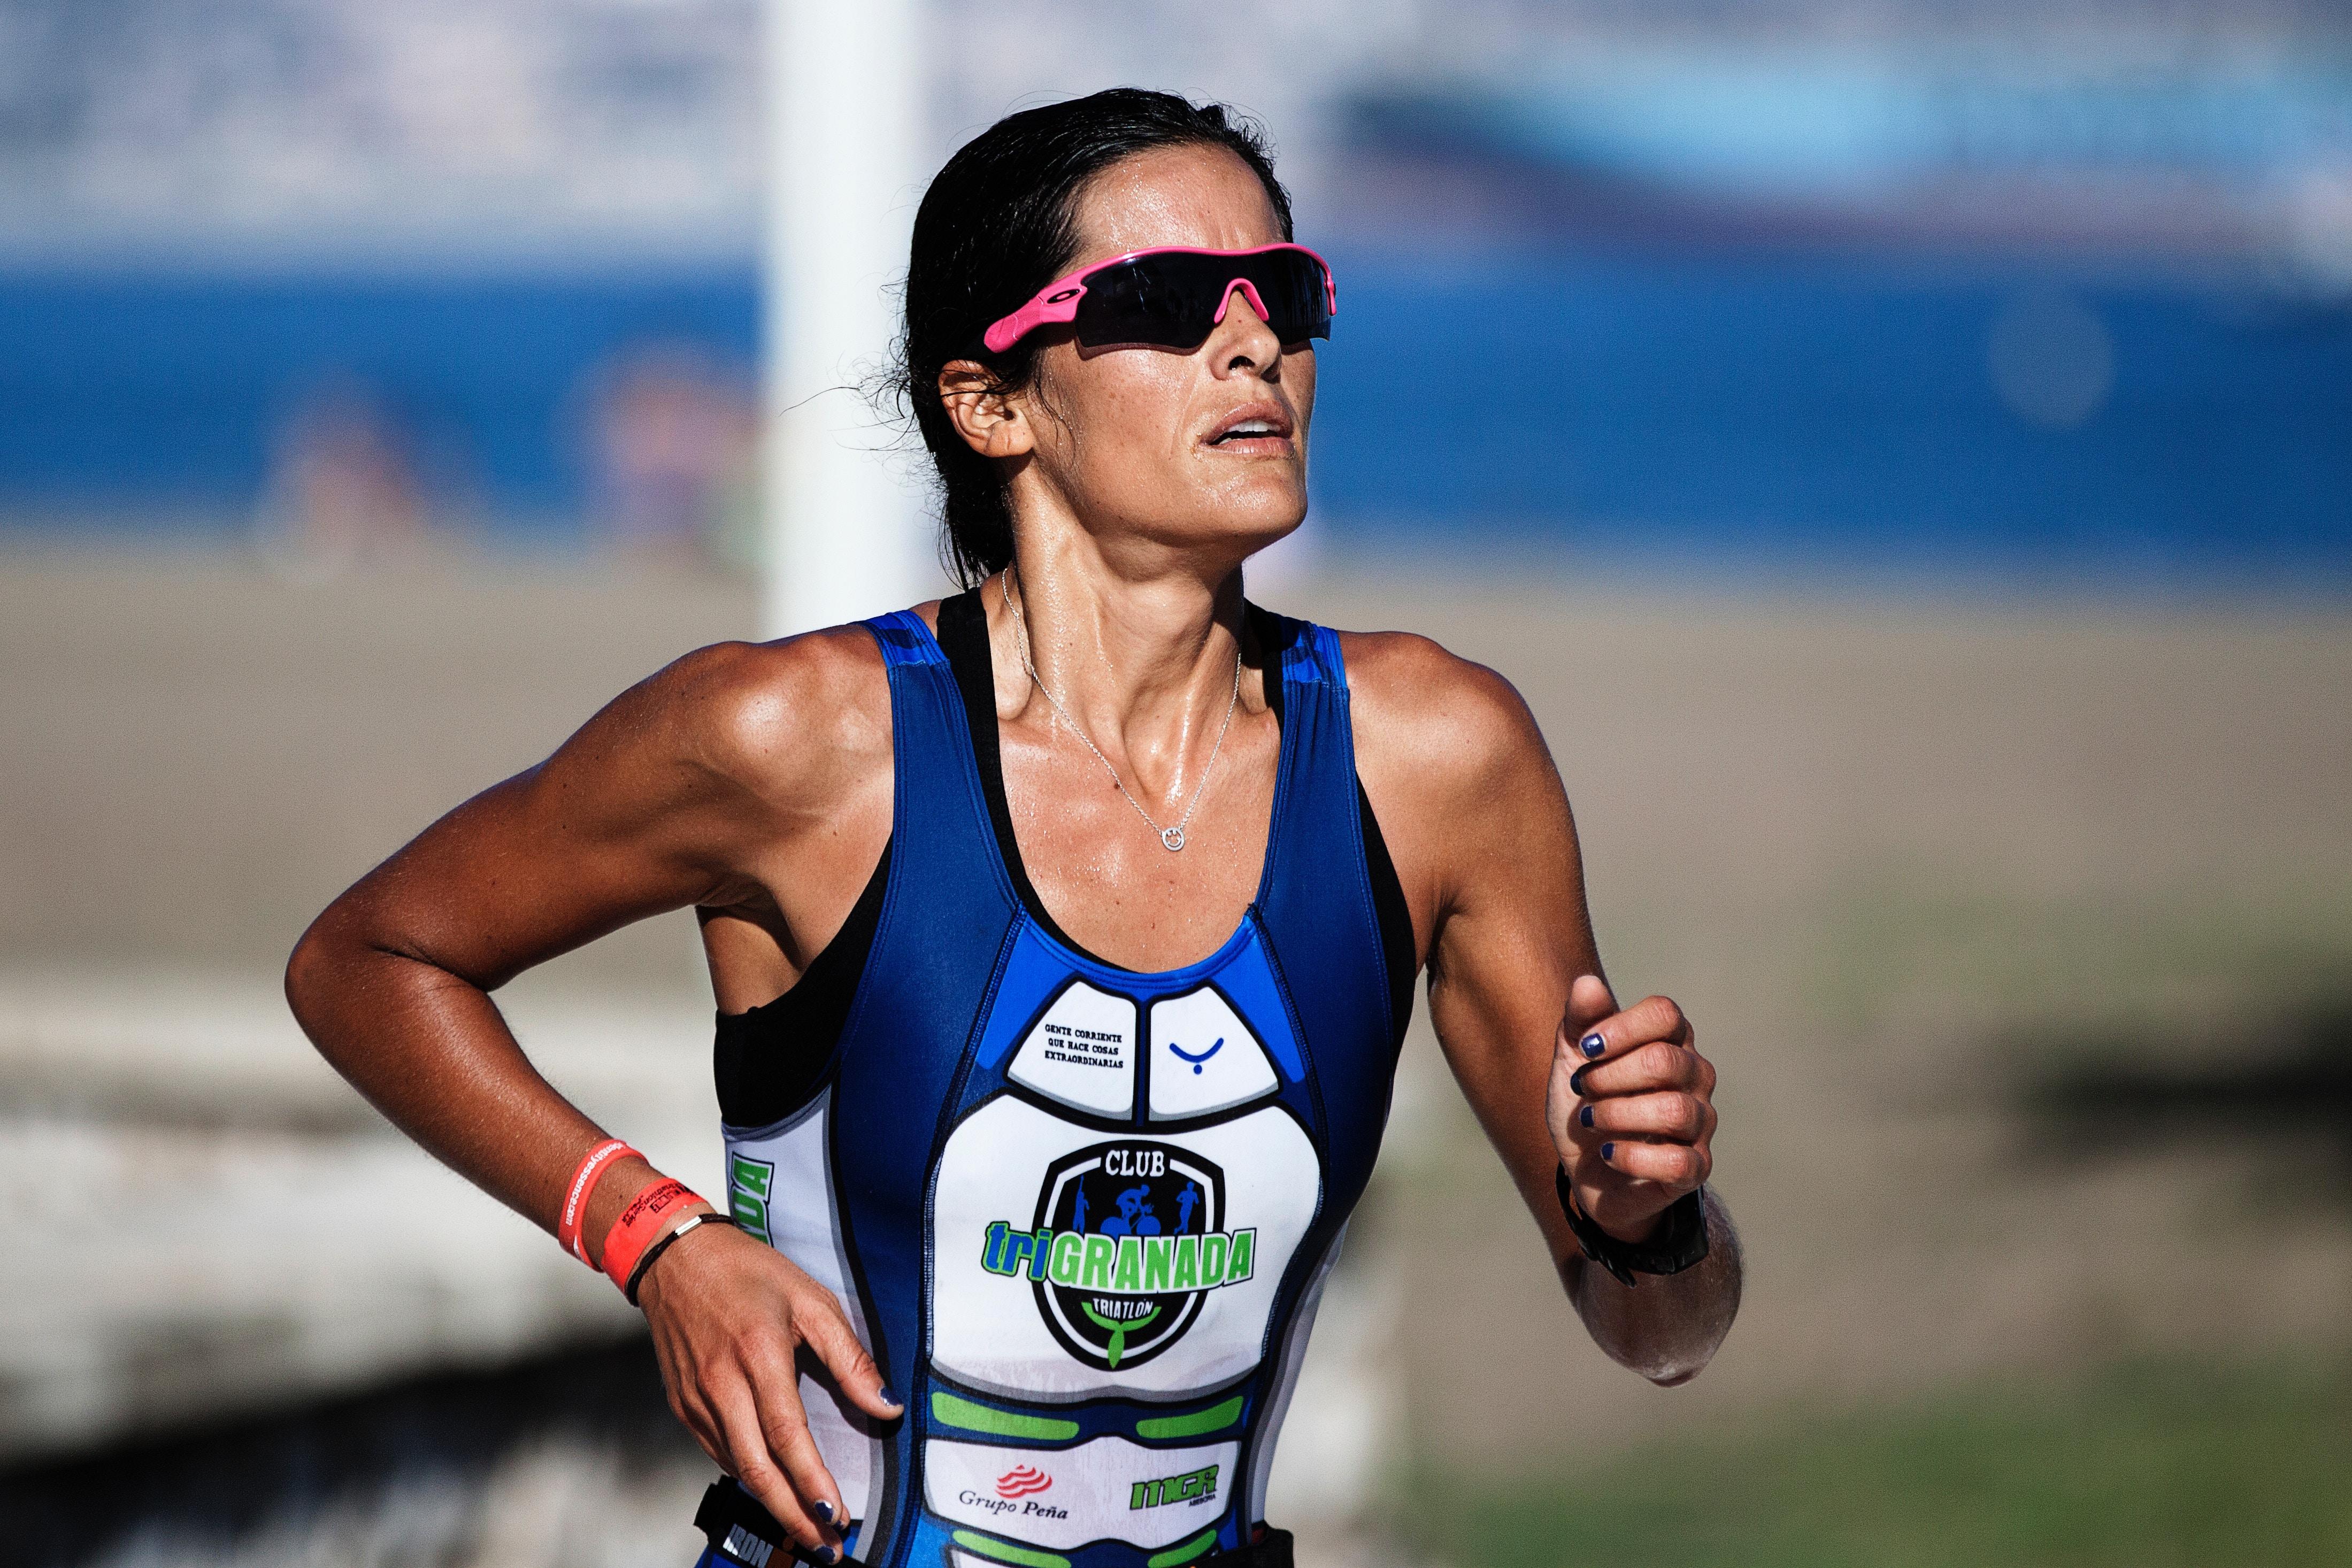 Woman Running (Unsplash-Quino Ali)